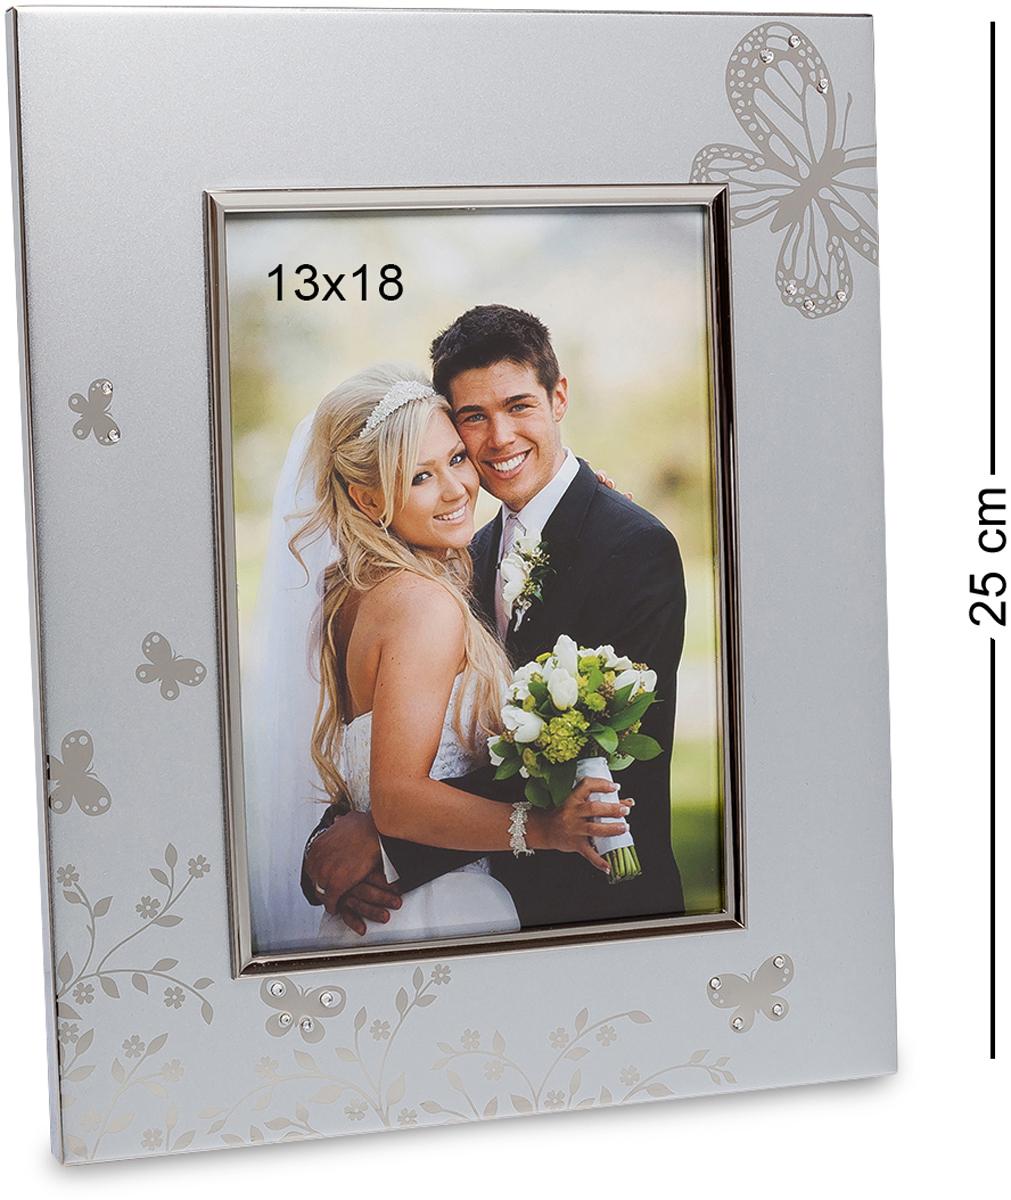 Фоторамка Bellezza Casa Бабочки любви, фото 13х18. CHK-067RG-D31SФоторамка для фотографий 13х18 см.Серебристая рамка для фото выполнена в классическом стиле. Неброские элементы дизайна подчеркивают утонченную работу мастера. Она усыпана стразами, является воплощением современного вкуса и непередаваемого романтического стиля. Четкие линии делают фоторамку изящной и строгой. В дизайне особый акцент уделяется мелким деталям — едва заметные бабочки, небольшие цветы, плавные линии, которые правильно дополняют общую композицию.Рамка подходит для фотографий 10?15, но общая дизайнерская идея ассоциируется со свадебными фотографиями, поэтому эту фоторамку можно подарить молодоженам или на годовщину свадьбы. Это идеальное дополнение к основному подарку. Она будет отлично смотреться в любой комнате, а стразы радугой переливаться под солнечными лучами.